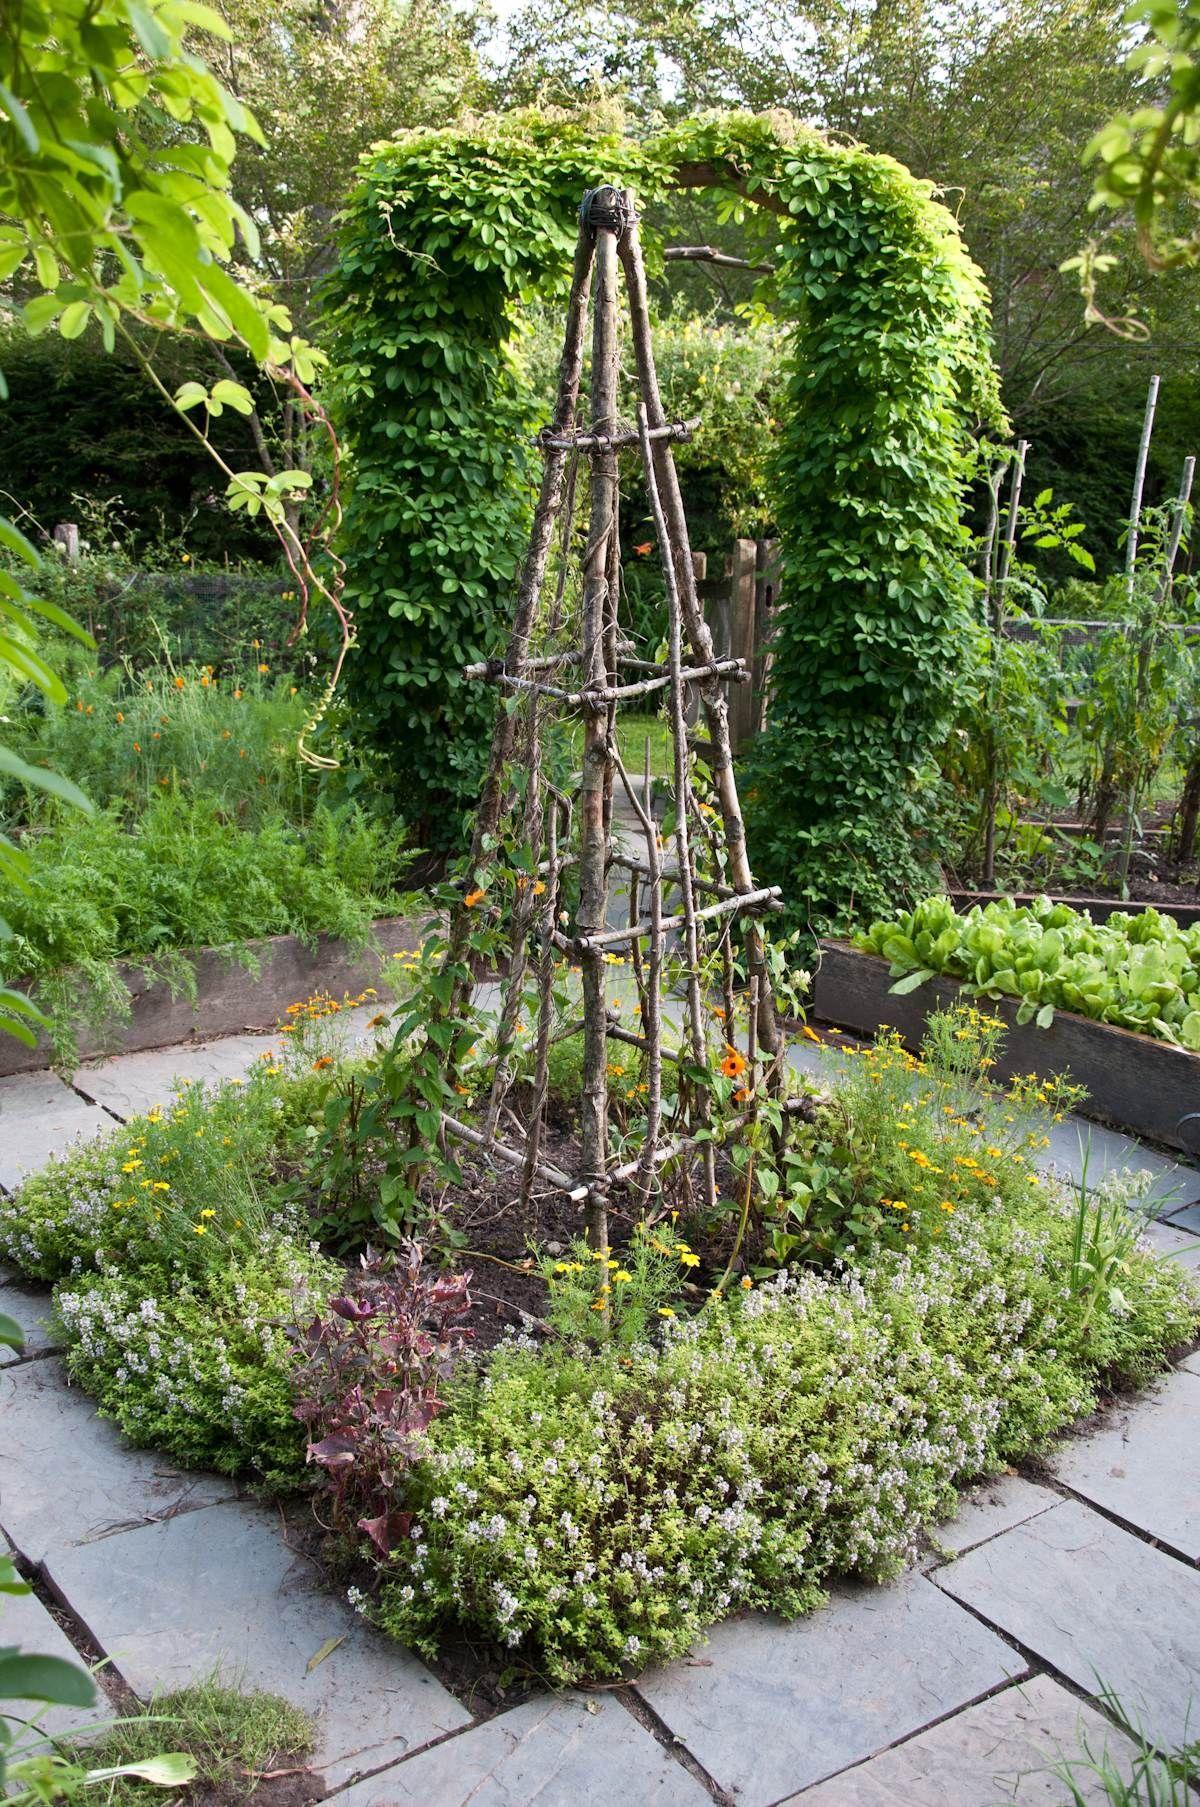 Garden decor trellis  Rustic Tuteur Trellis with herbs in the center of a Potager